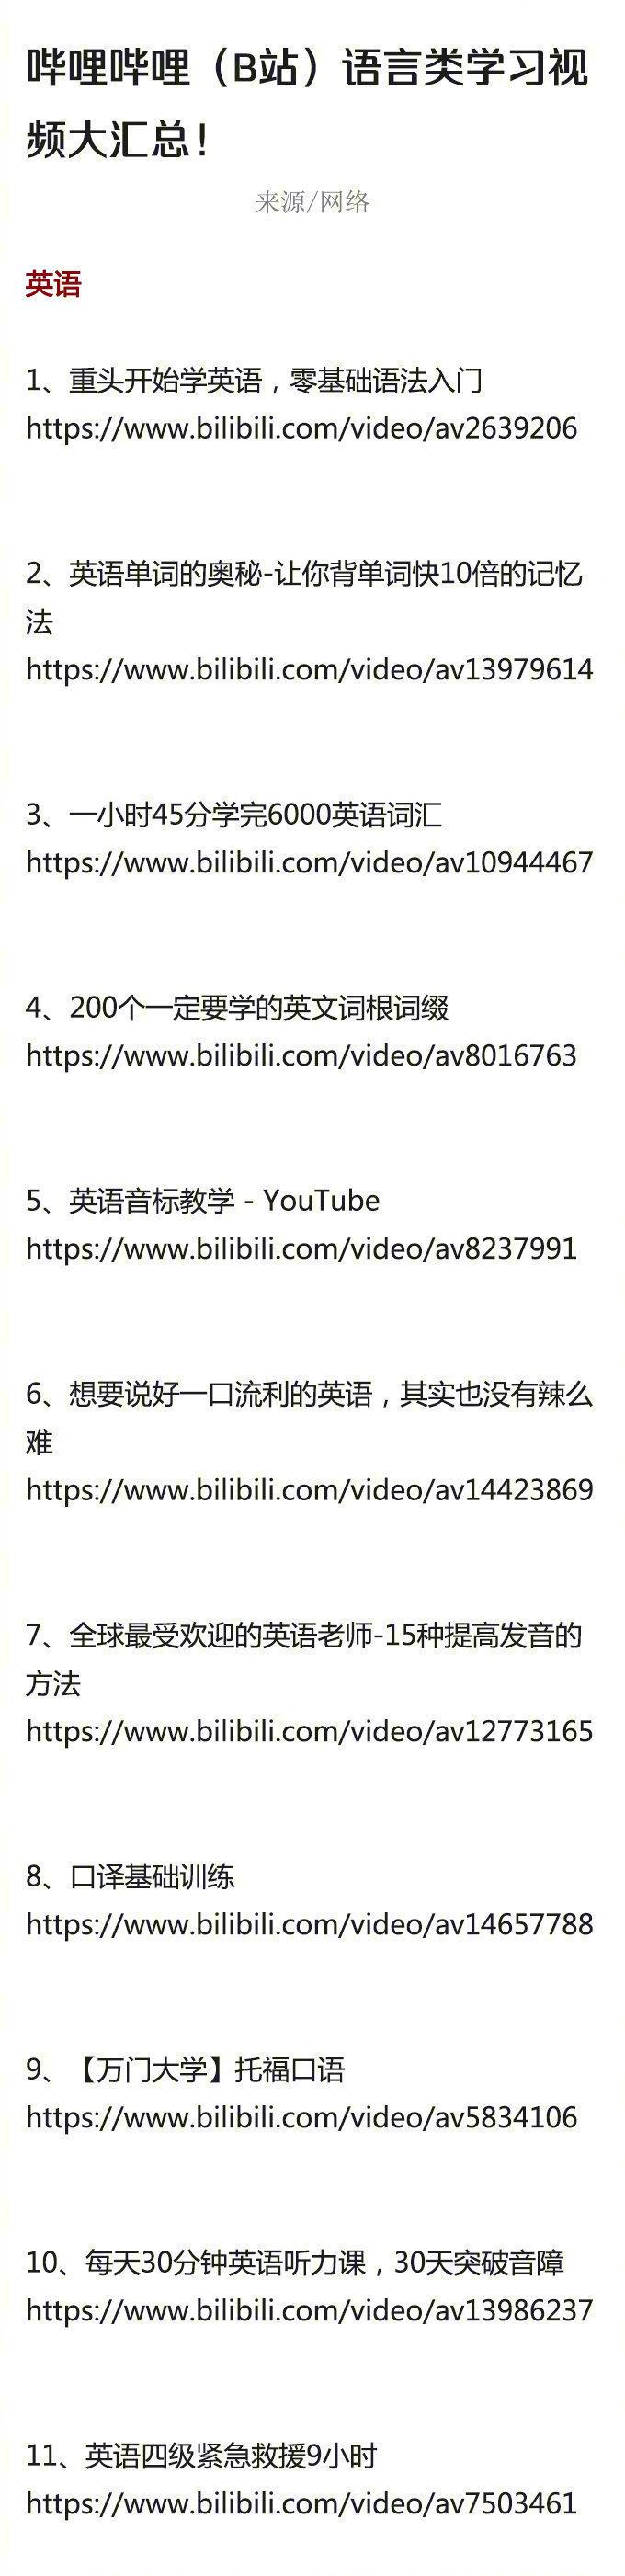 哔哩哔哩(B站)语言类学习视频大汇总!